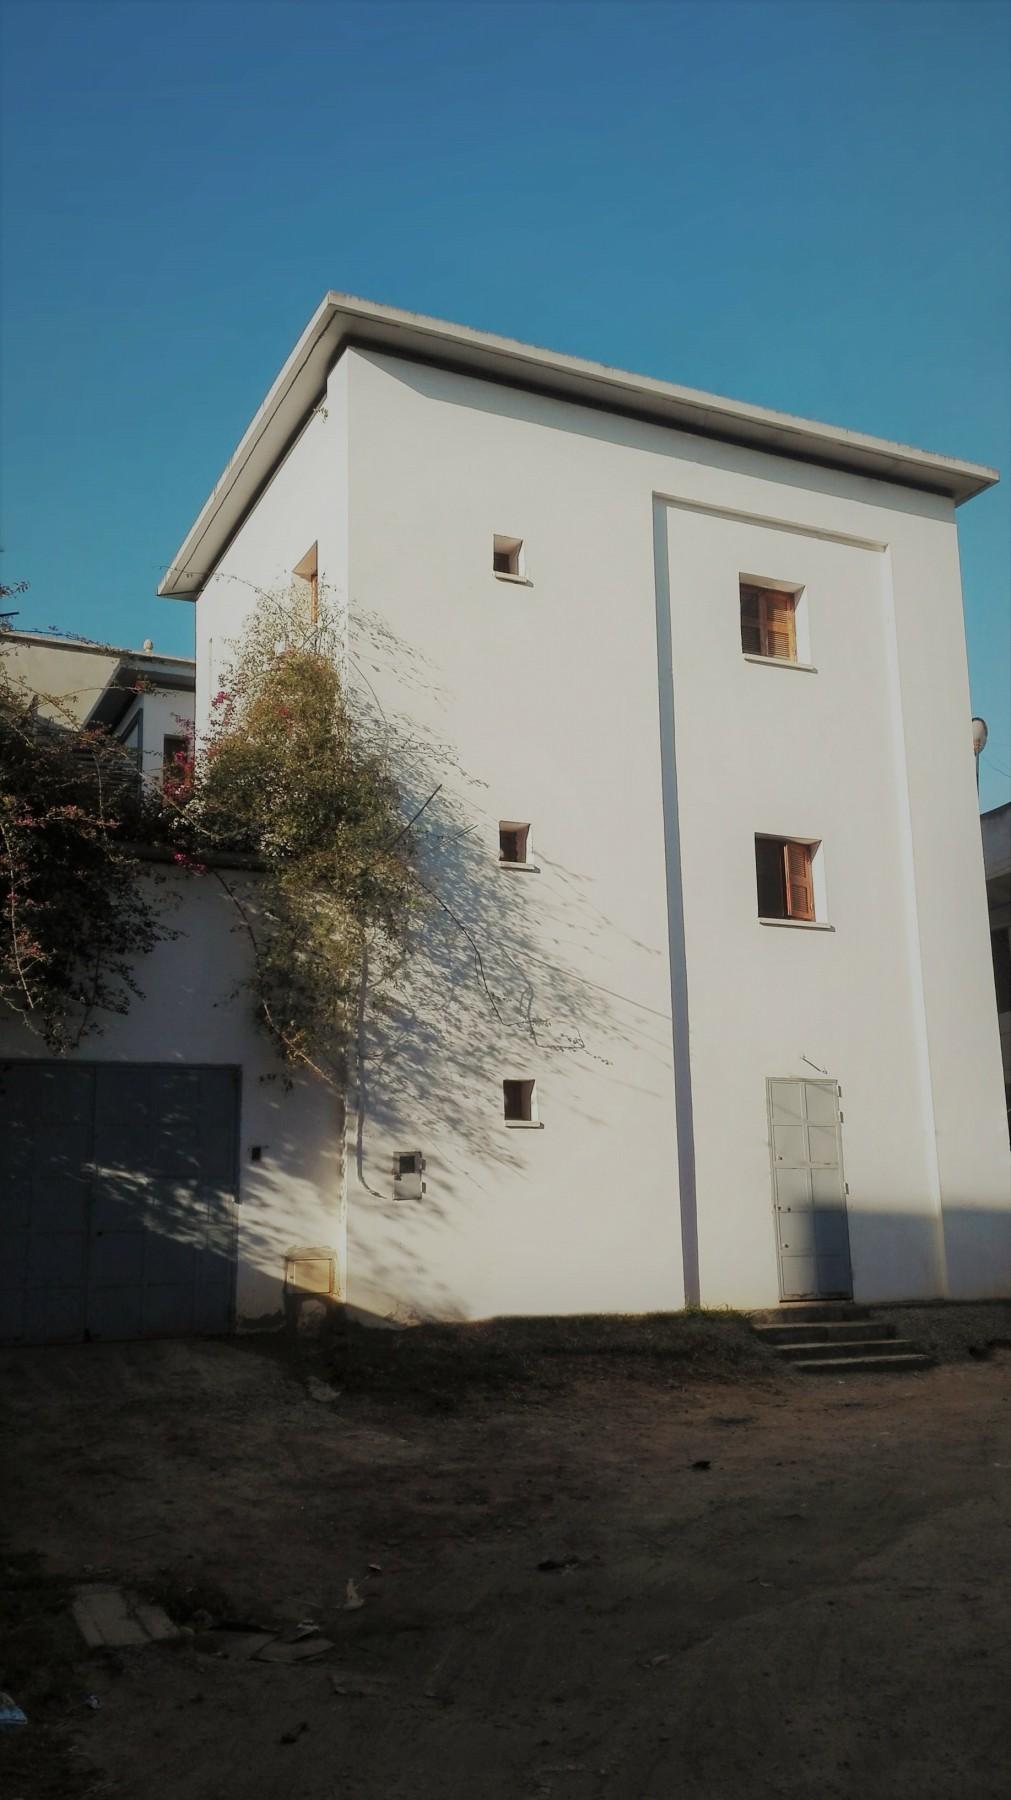 Maison à quatre patios à Tipaza - Algérie   Implantée dans un tissu dense sur une parcelle de 200m², le défi des architectes était de créer des espaces de vie spacieux et fonctionnels, protégés des vues directes. La solution a été une réinterprétation contemporaine du principe d'introversion de la maison à patio traditionnelle.